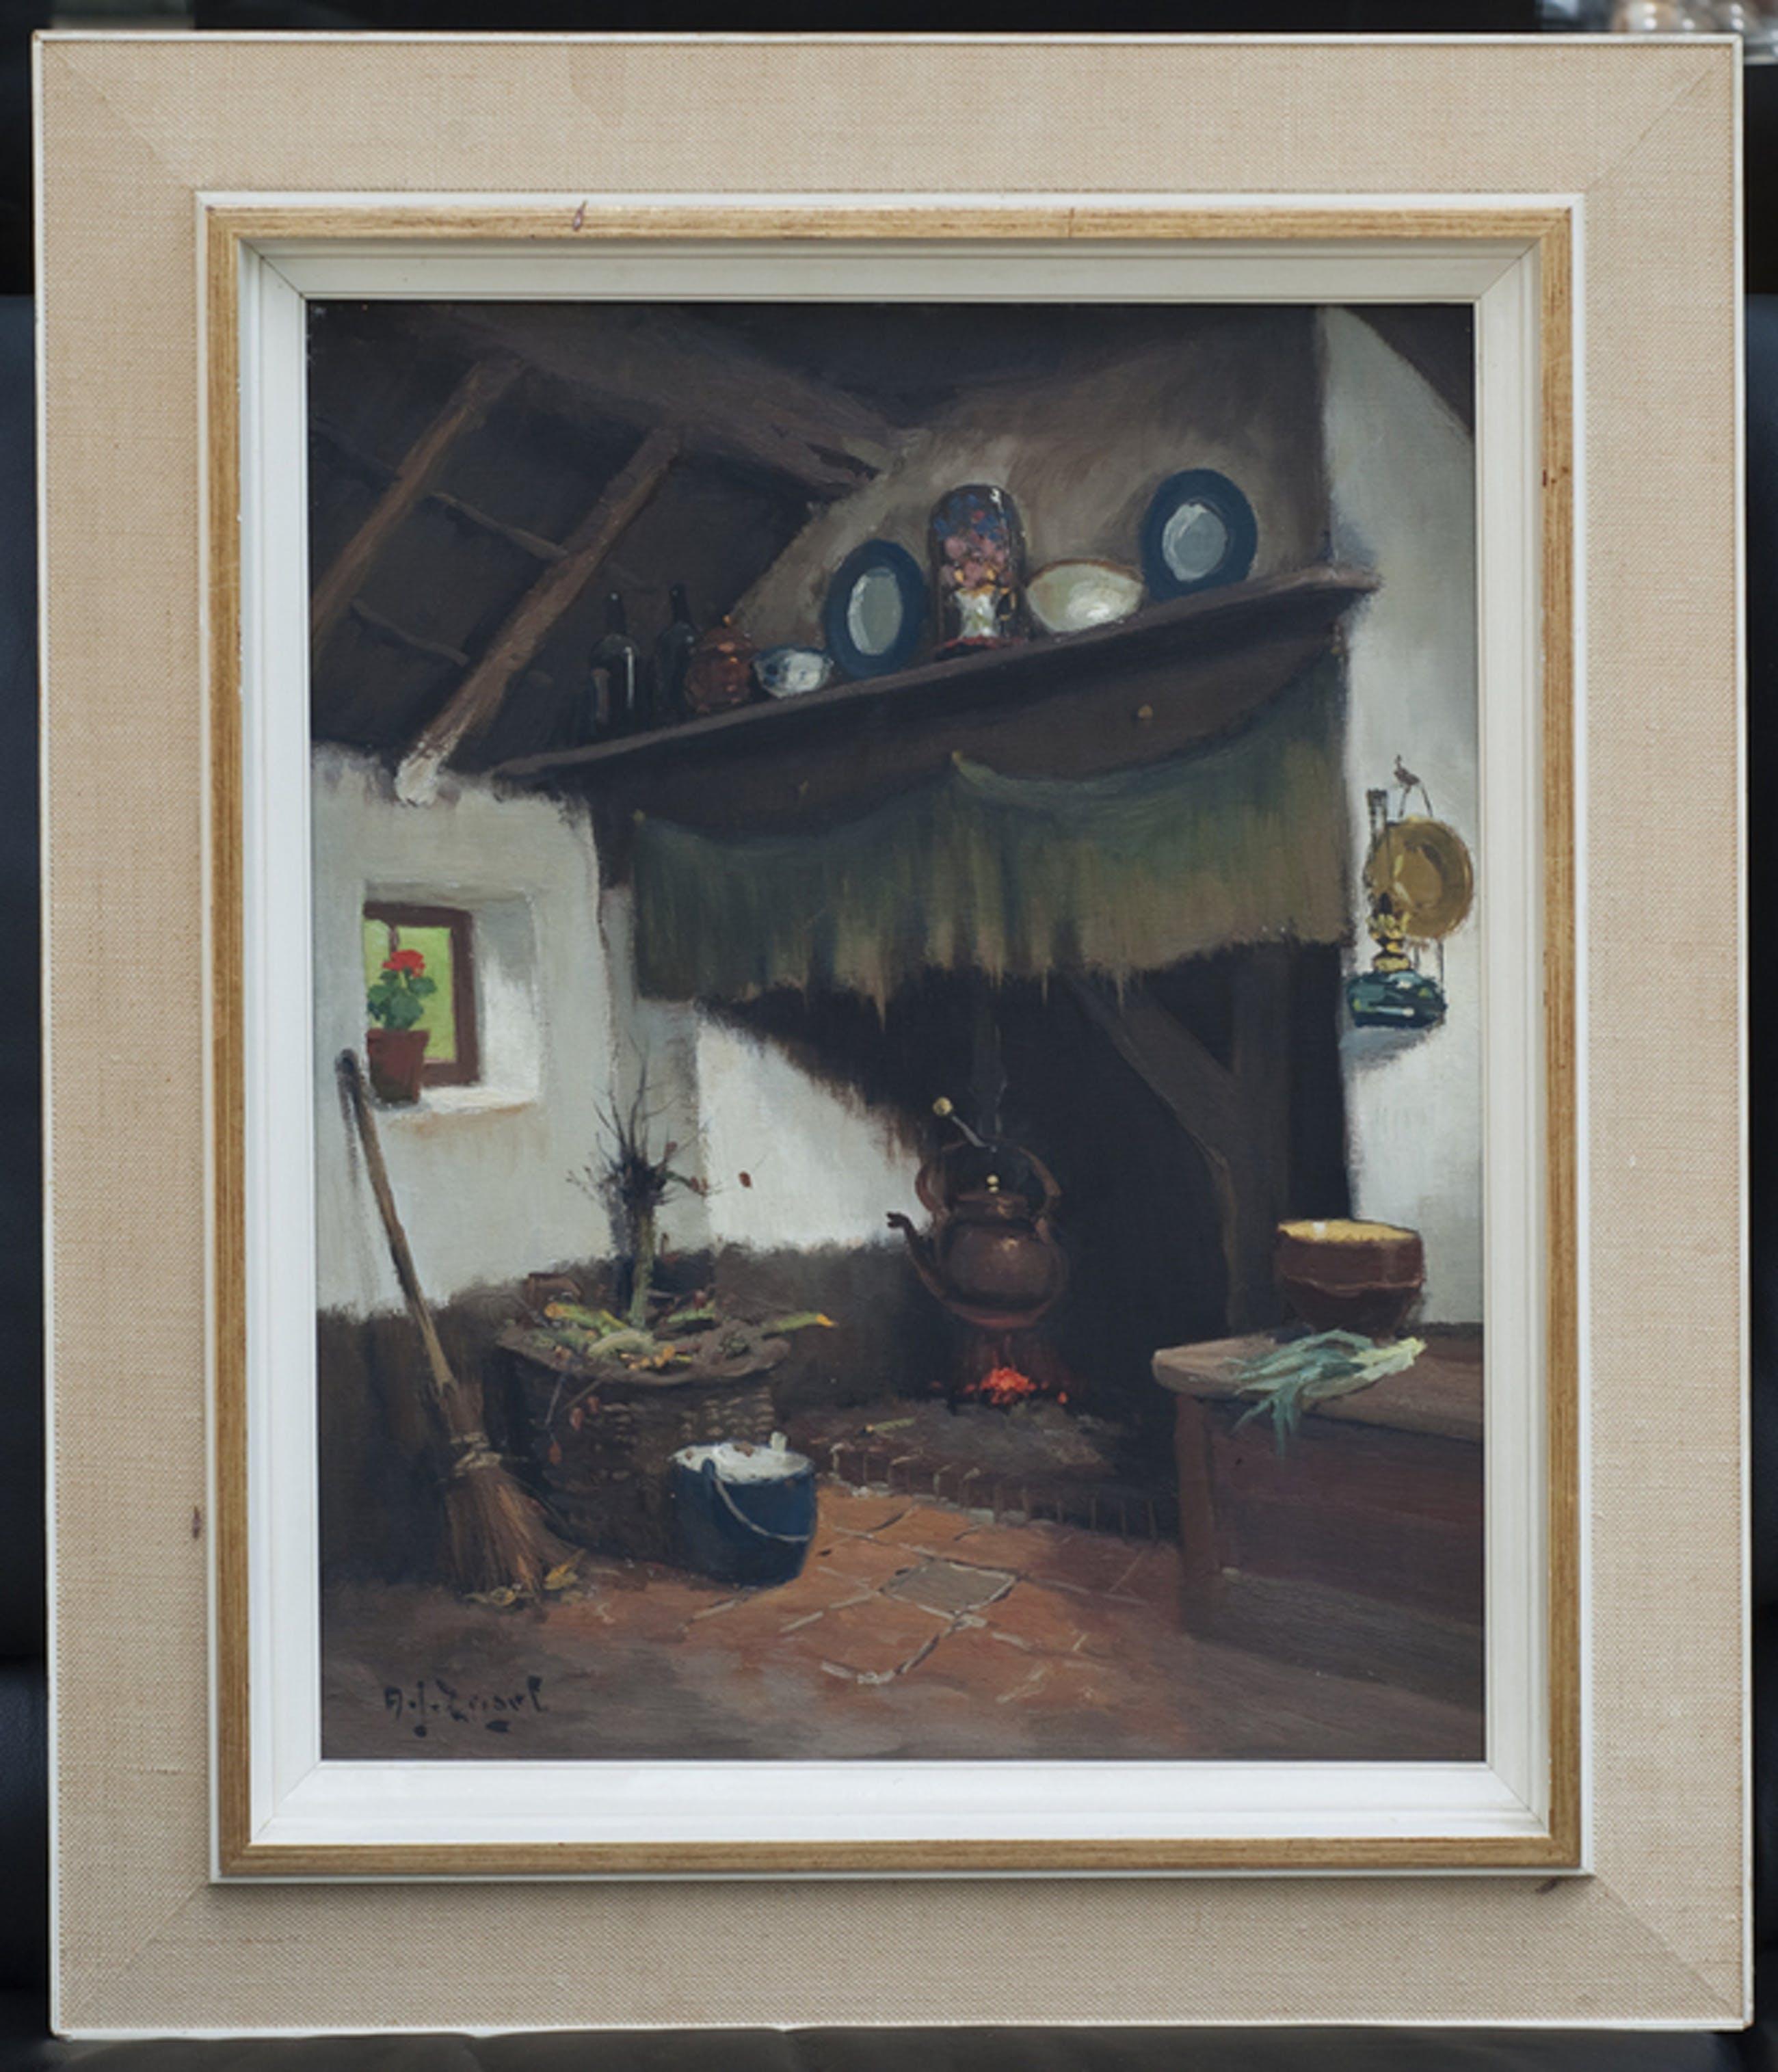 A.J. Zwart | 1903-1983, Interieur te Lage Mierde - olieverf op doek - gesigneerd kopen? Bied vanaf 350!